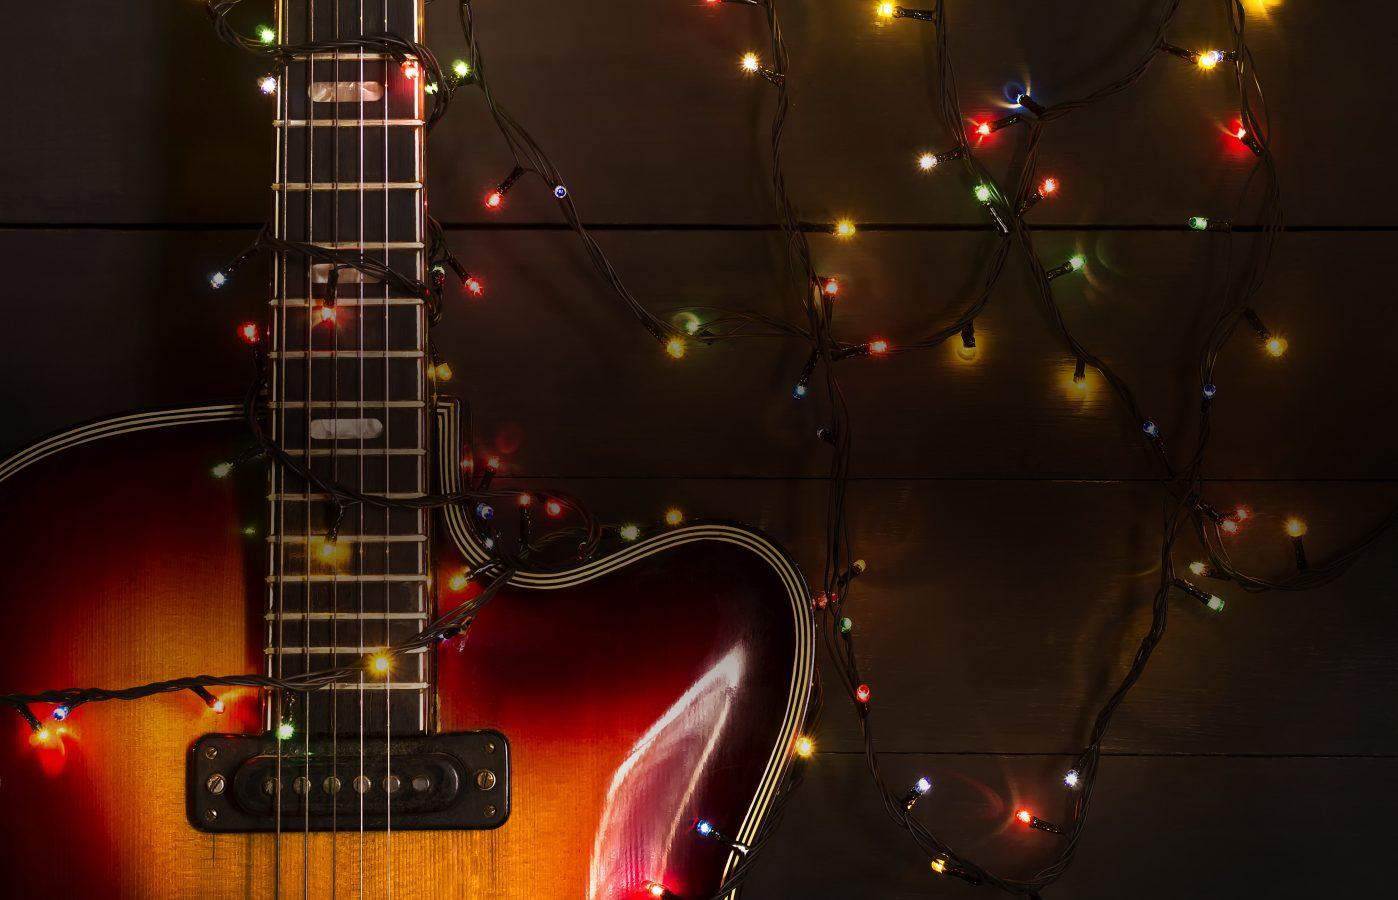 Oh du fröhliche: Wie uns Musik an Weihnachten verbindet